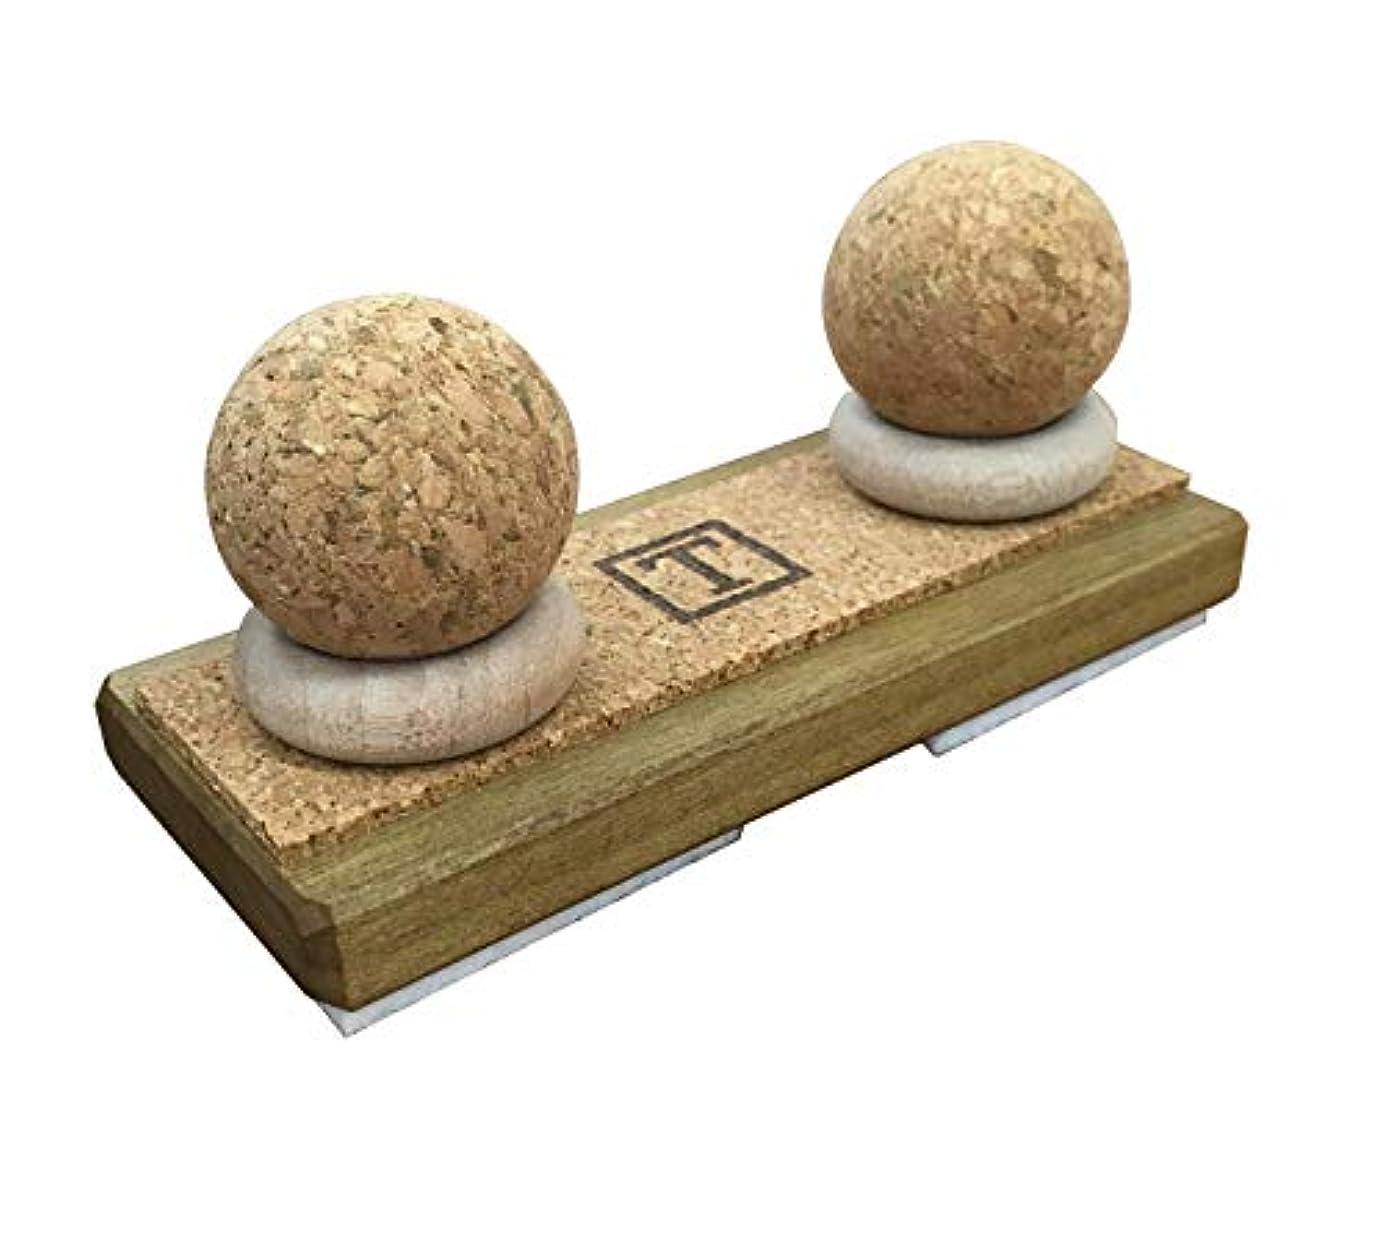 個人的なうつ陪審『揉みの木シリーズ 腰プロストレッチ Low Type』つぼ押しマッサージ器 背中下部 腰 セルフメンテナンスを強力にサポート